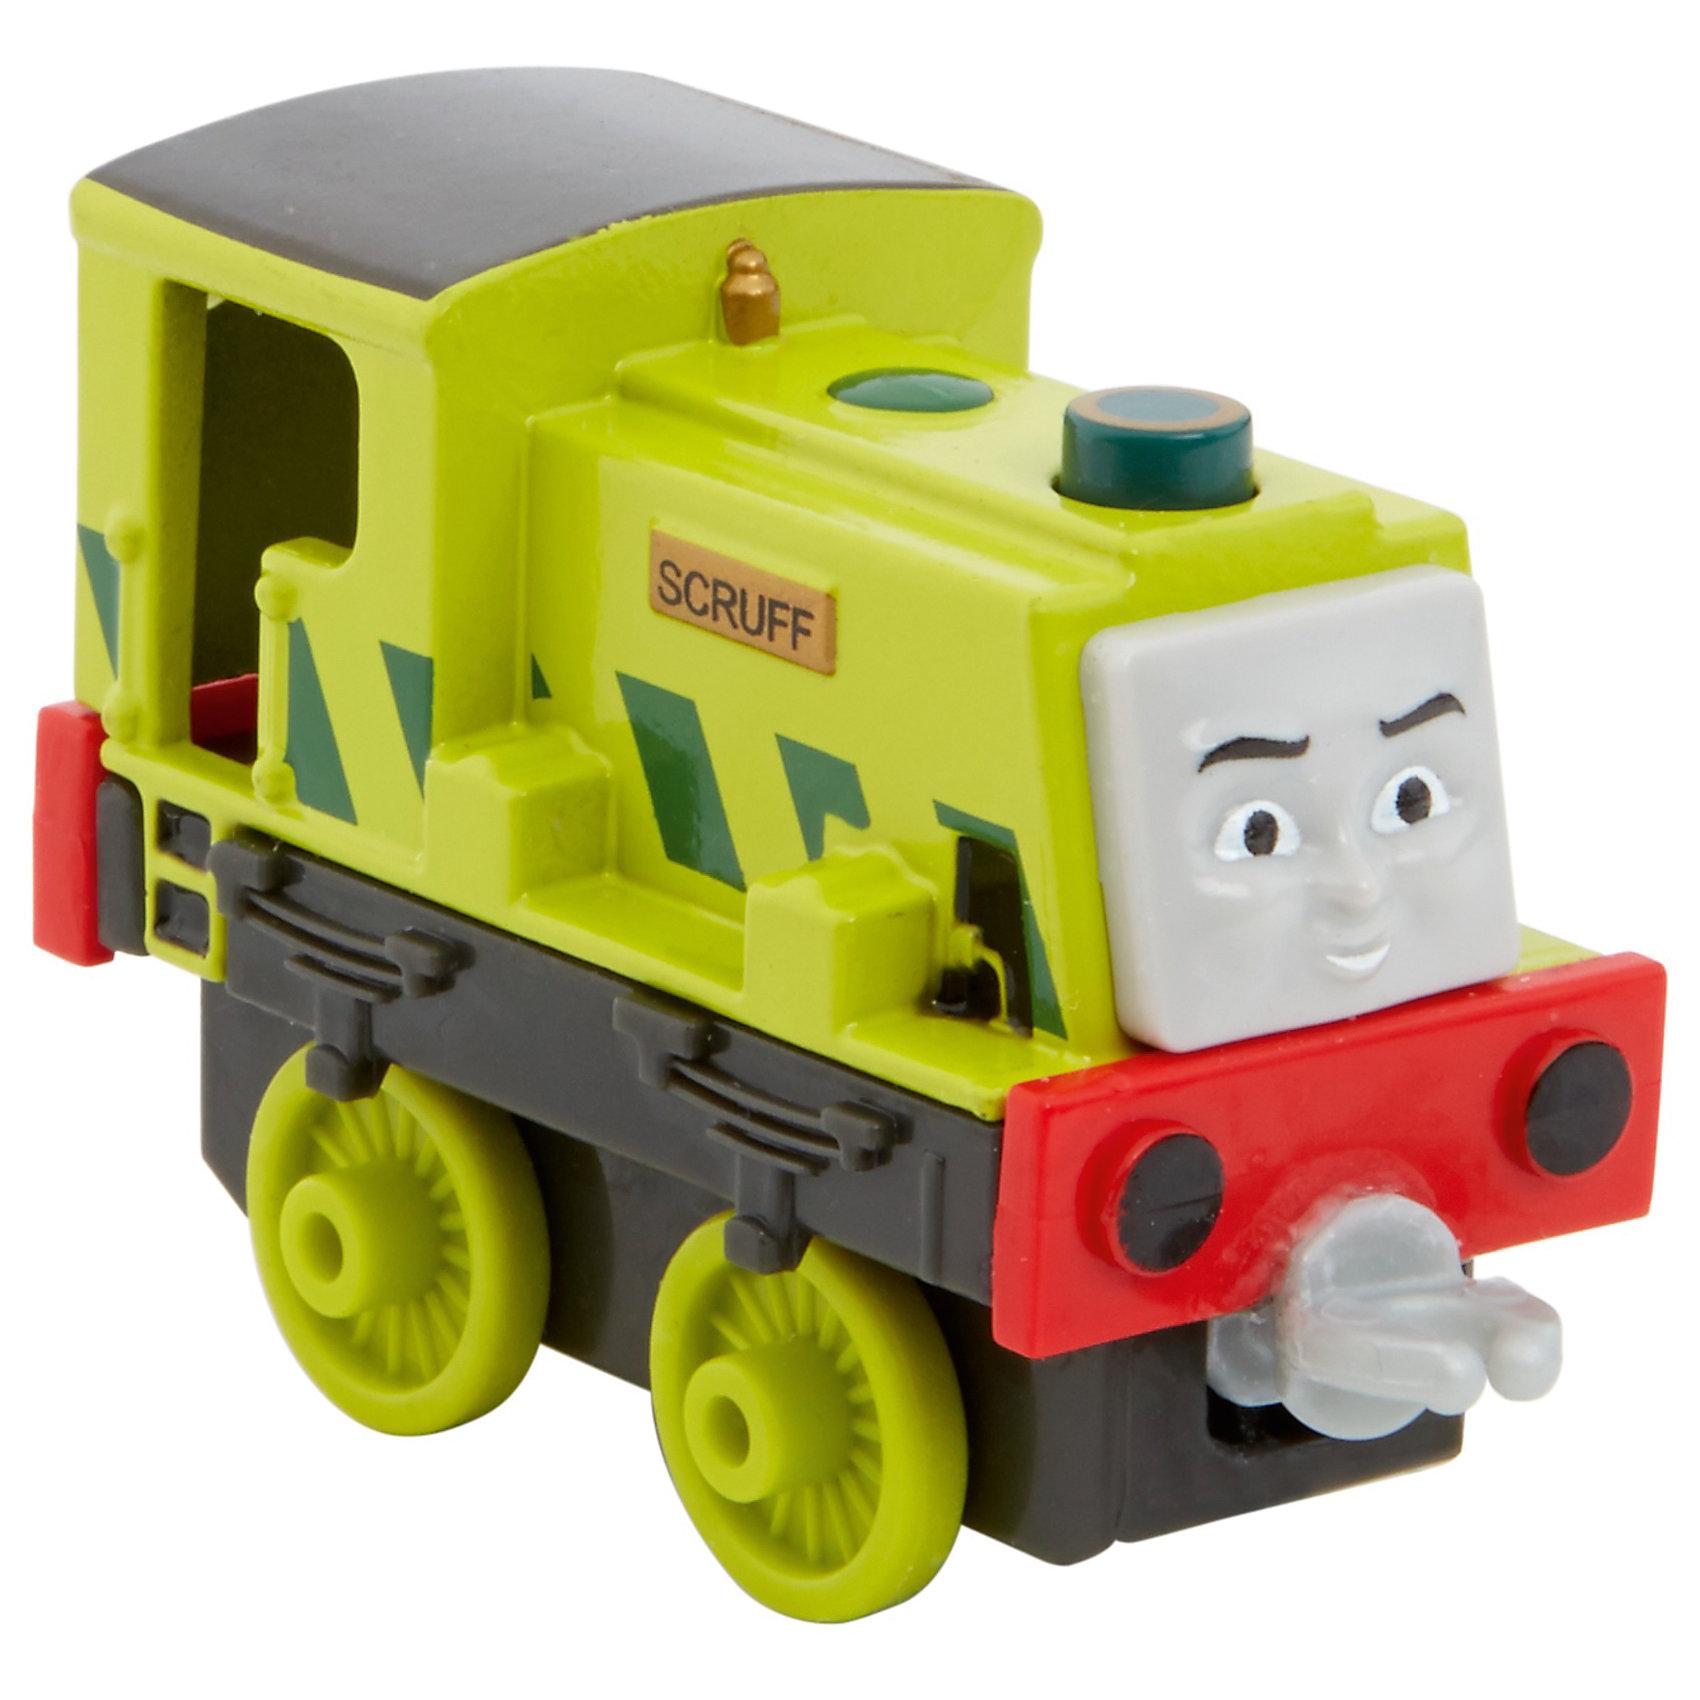 Mattel Паровозик Скрафф, Fisher Price, Томас и его друзья mattel игрушки веселые друзья со звуком fisher price в ассортименте